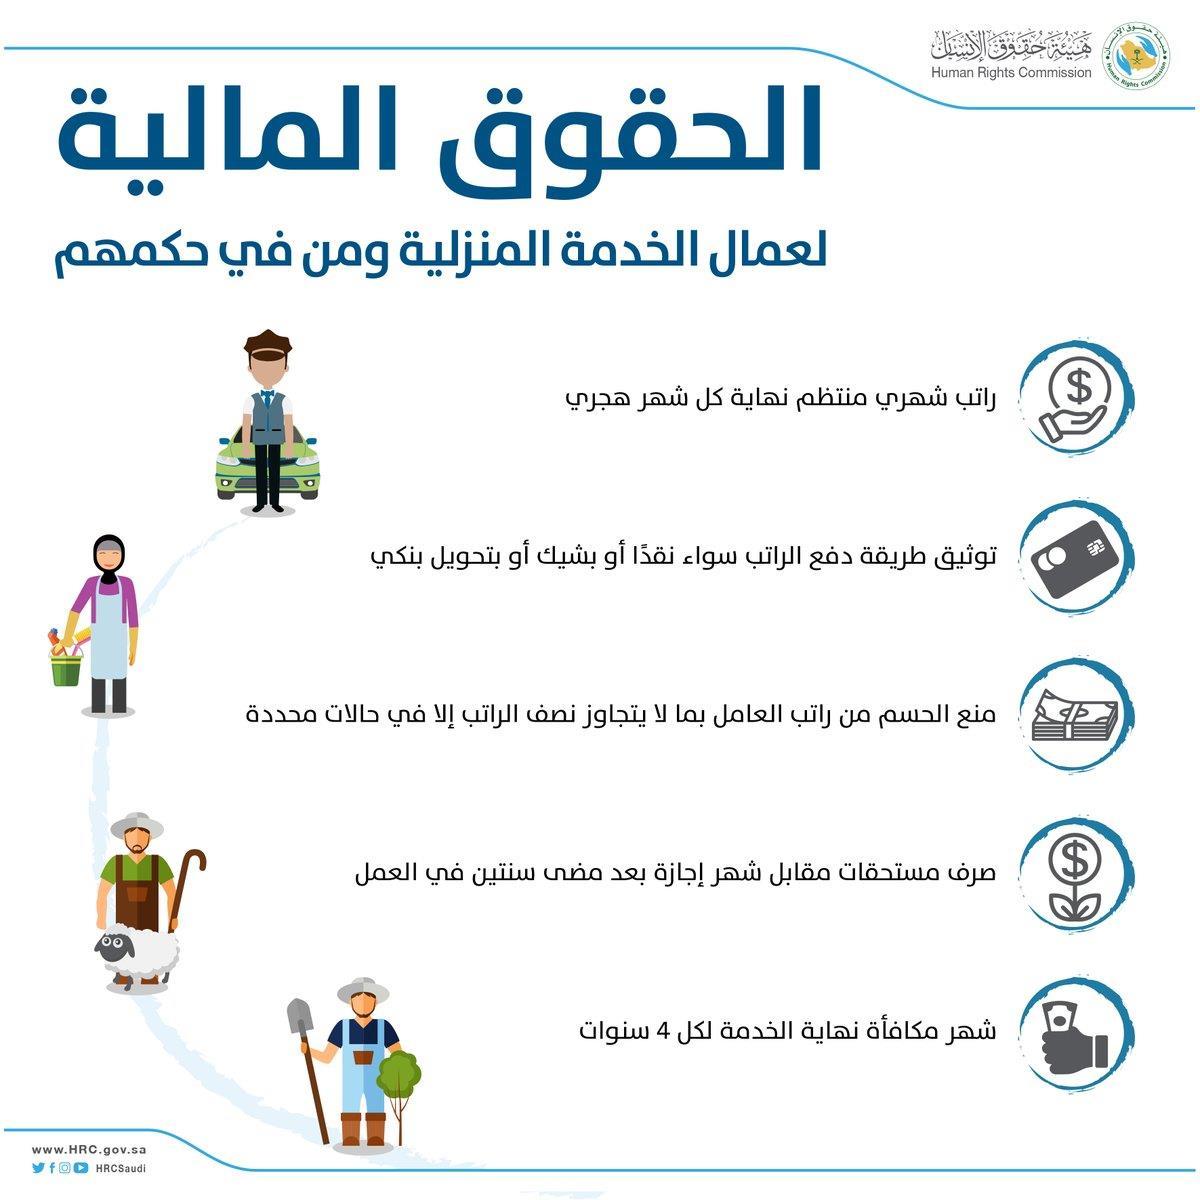 حقوق الإنسان السعودية تضع ضوابط جديدة للعمالة المنزلية تعرف